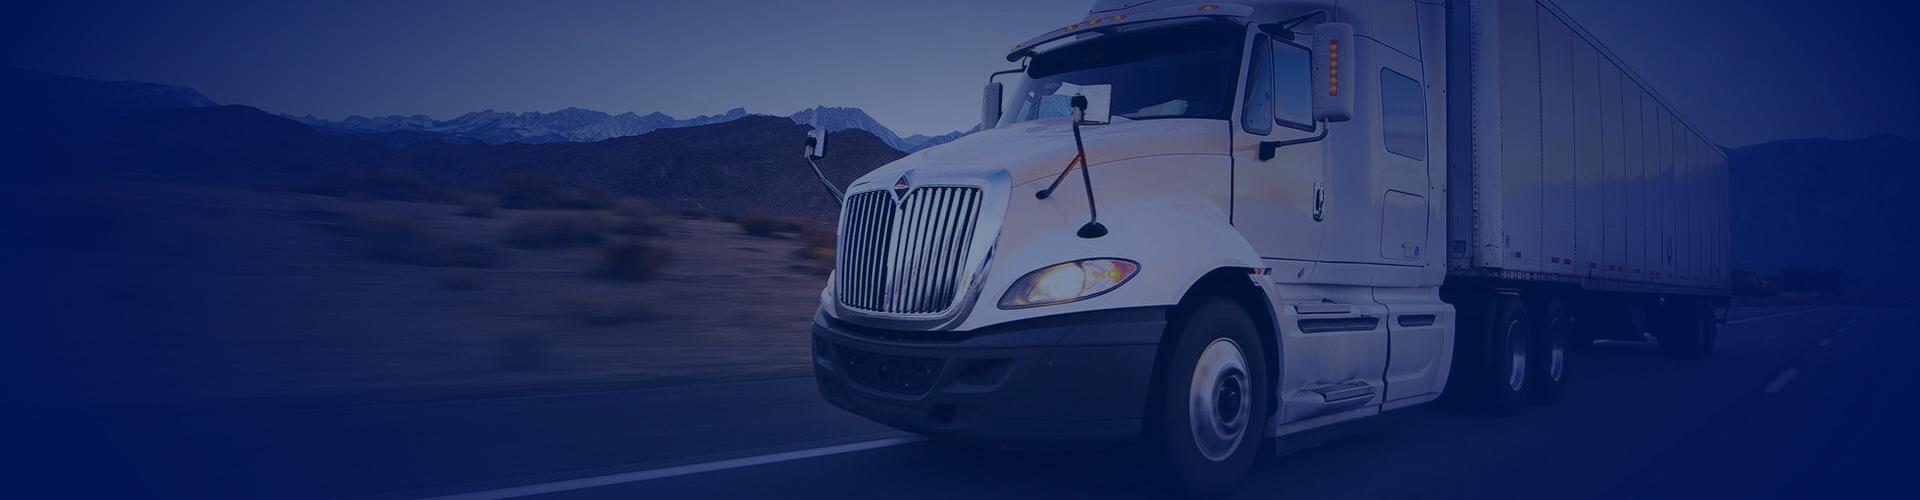 Erstattung der Dieselöl-Verbrauchsteuer für Straßen-Gütertransport | Tecnocompany